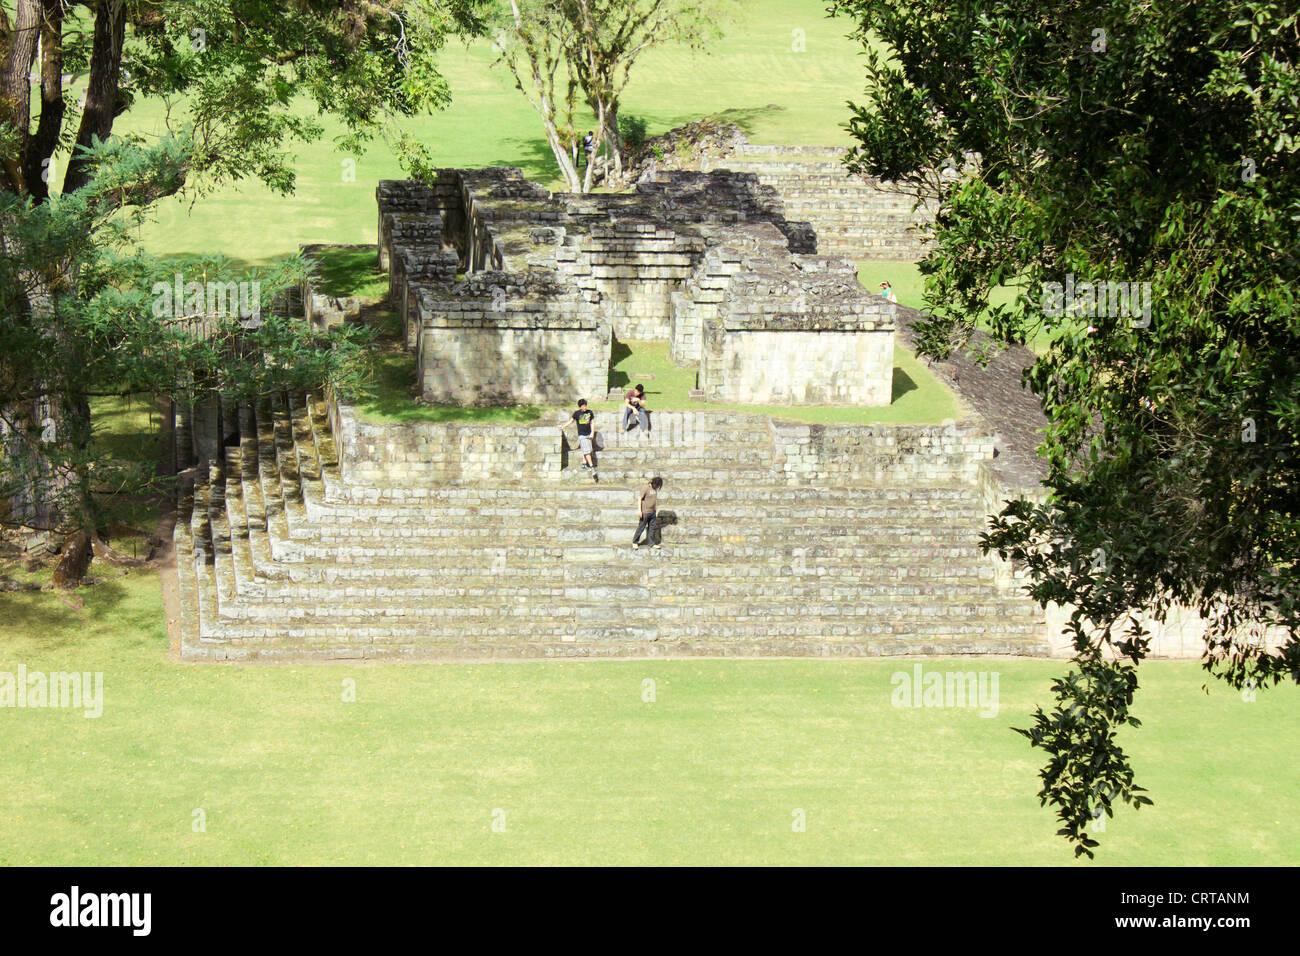 Copan Ruins - Stock Image